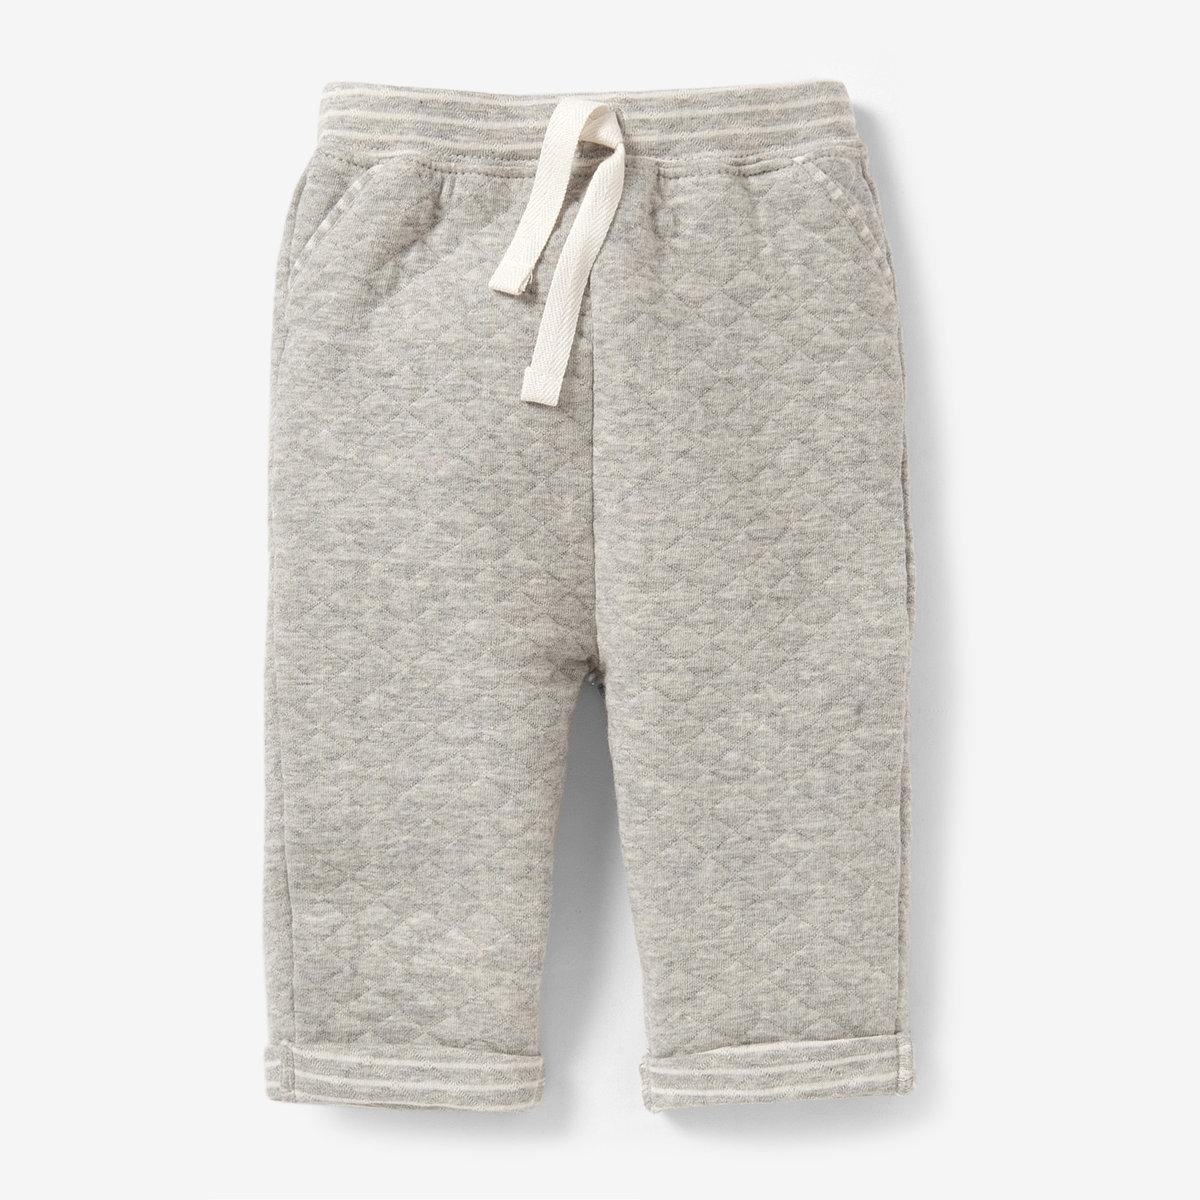 Спортивные брюки, 0 месяцев-2 годаСпортивные брюки из фантазийного мольтона, 85% хлопка, 15% полиэстера. Идеальны для вашего маленького непоседы, не сковывают в движении. Эластичный пояс с завязками. 2 ложных кармана спереди . Низ брючин с отворотами.<br><br>Цвет: белый/серый меланж<br>Размер: 0 мес. - 50 см.1 мес. - 54 см.3 мес. - 60 см.6 мес. - 67 см.9 мес. - 71 см.1 год - 74 см.18 мес. - 81 см